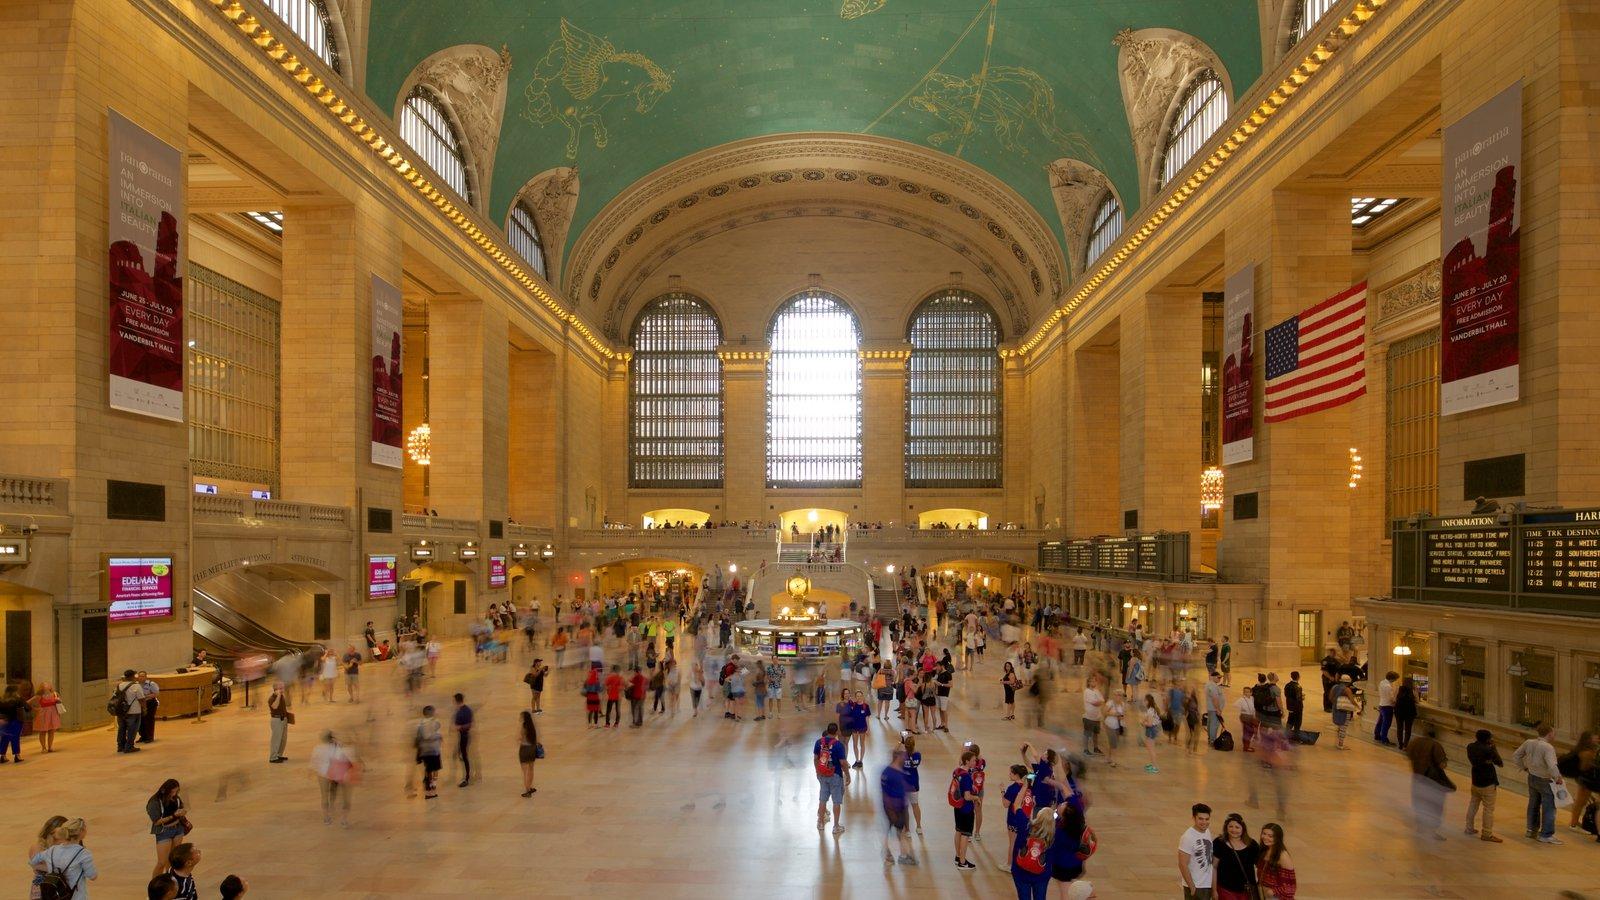 Grand Central Terminal mostrando vistas internas e elementos de patrimônio